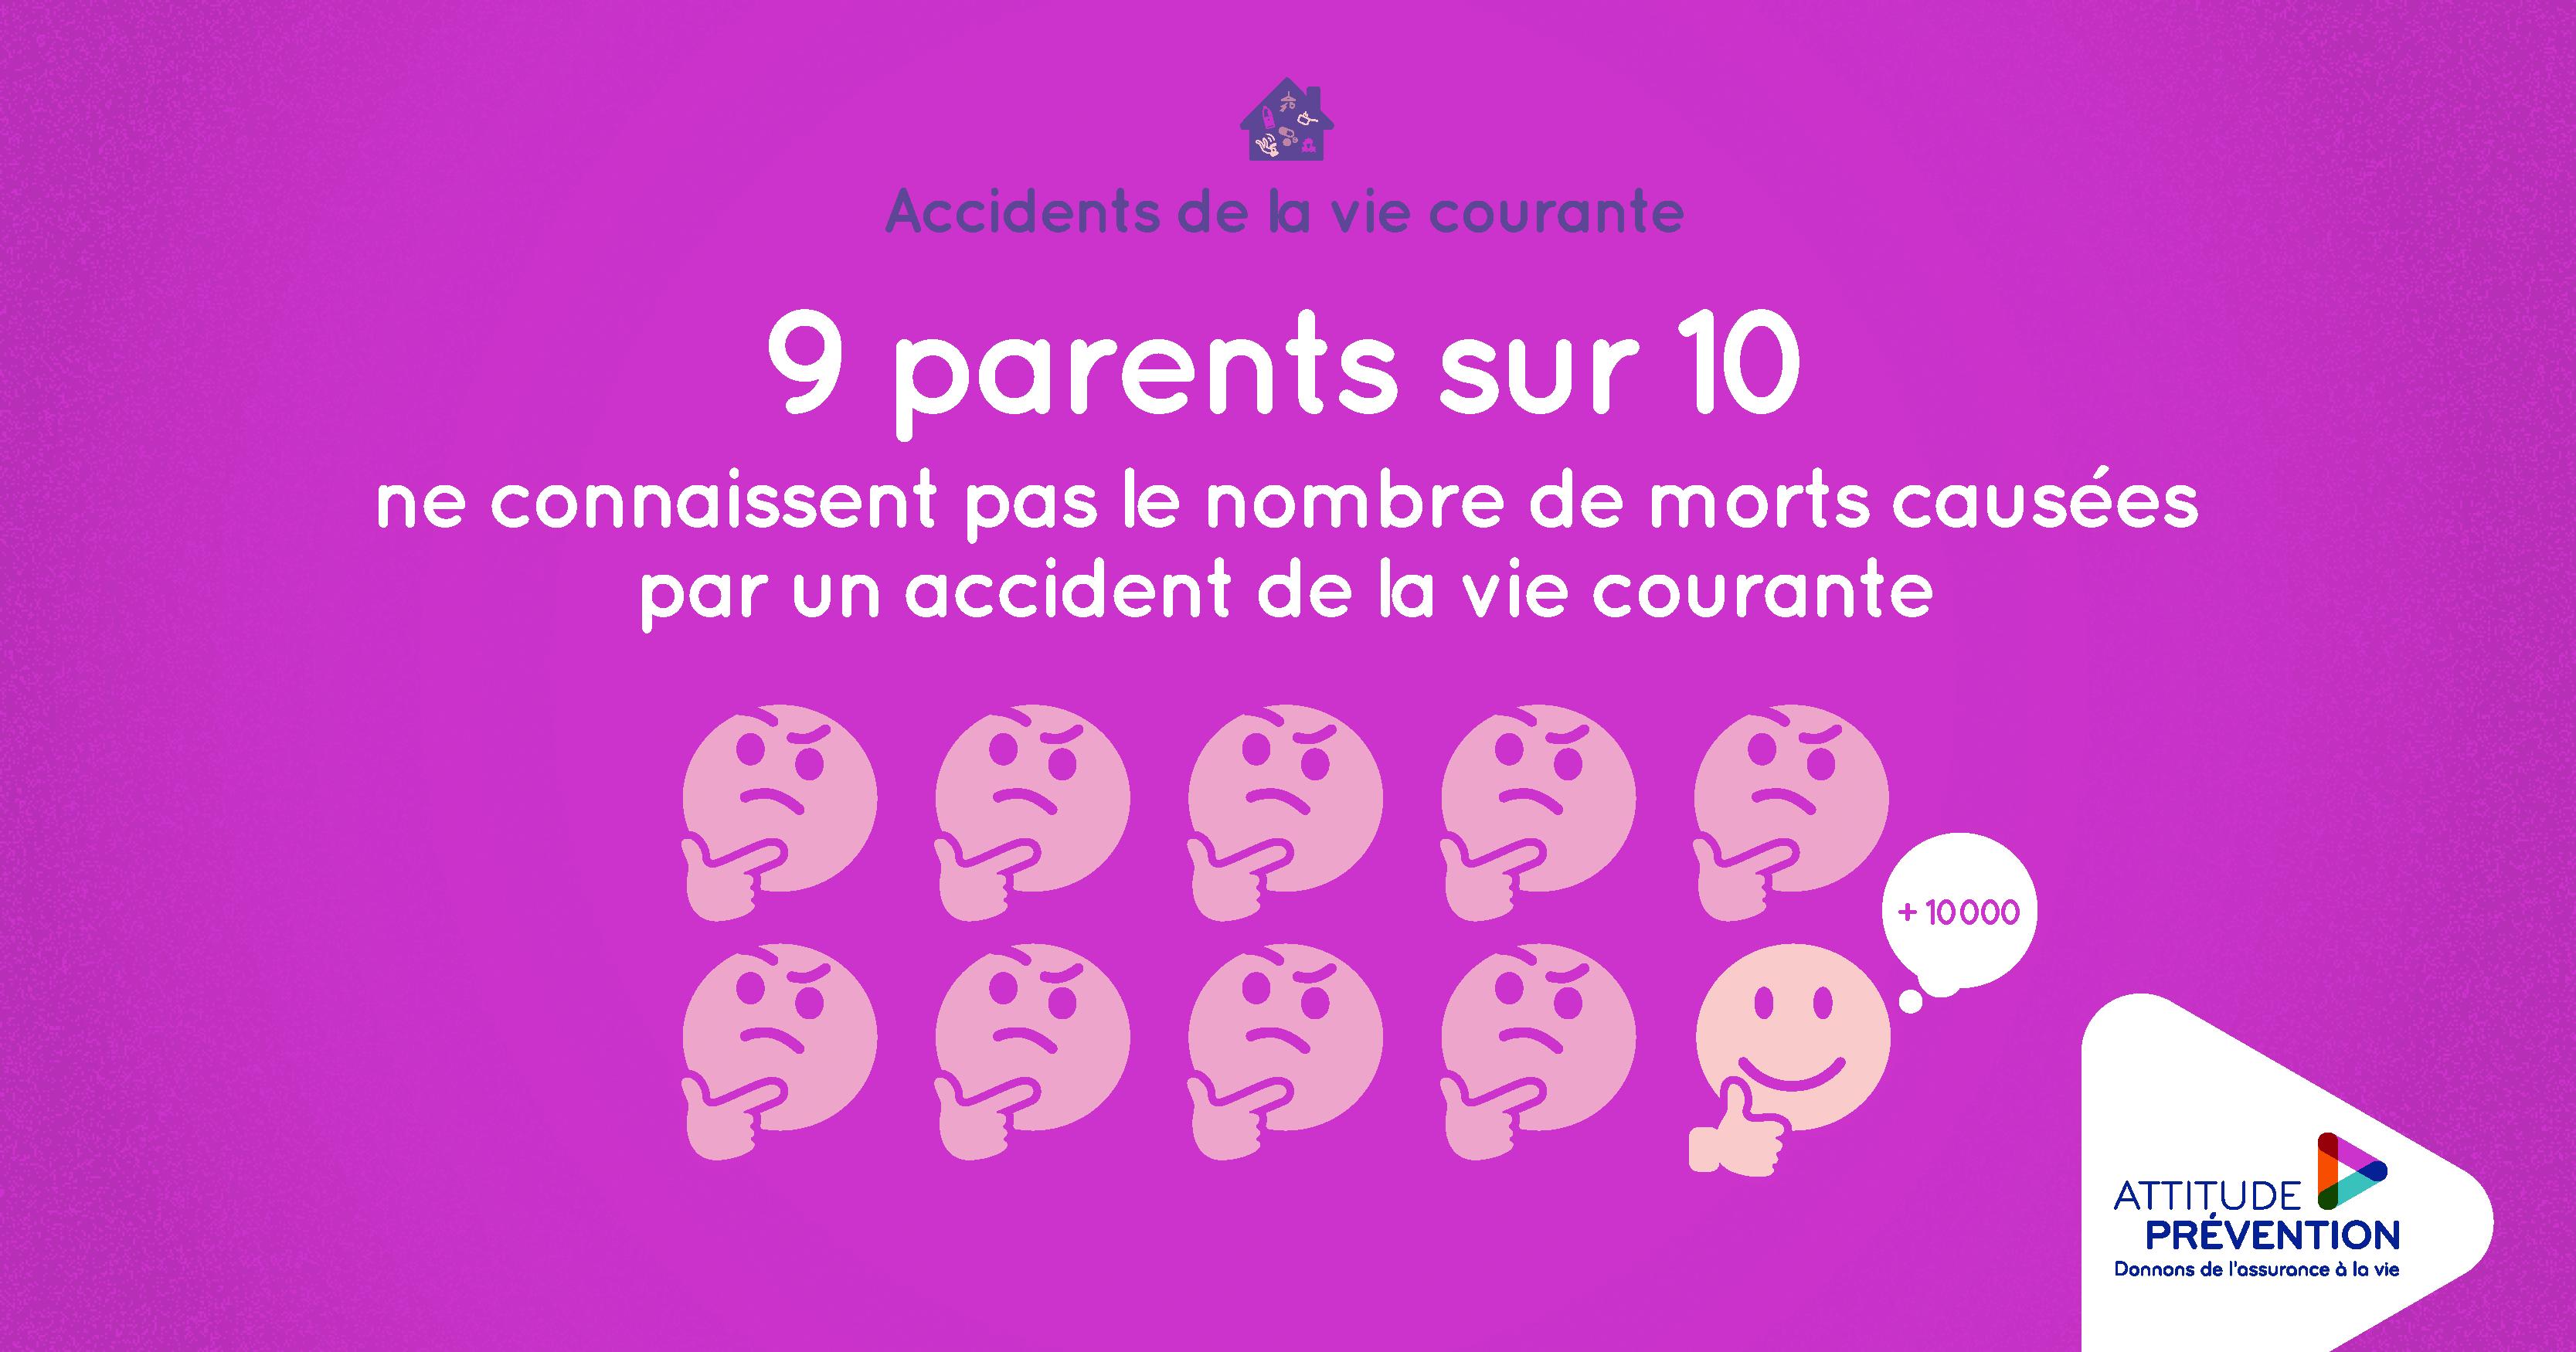 Infographie Accidents de la vie courante : 9 parents sur 10 ne connaissent pas le nombre de morts causées par un acvc